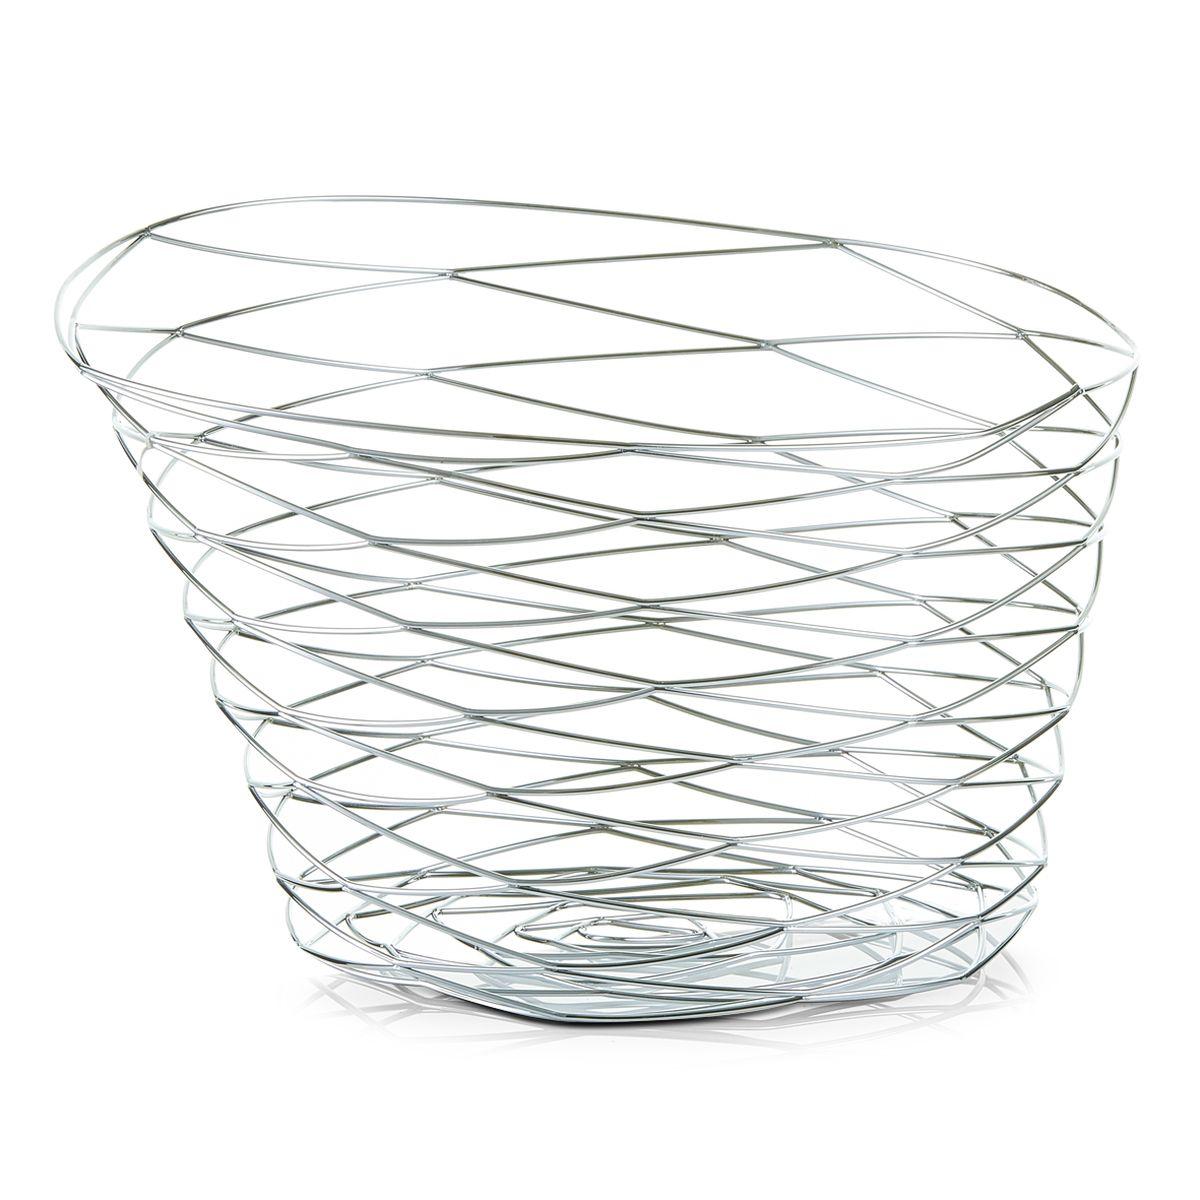 Ваза для фруктов Zeller, 27 х 27 х 19 см27321Ваза для фруктов Zeller изготовлена из высококачественного хромированного металла. Она впечатляет своим дизайном, качеством и оригинальным исполнением. Прекрасный вариант подарка человеку, ценящему изысканные вещи. Такая ваза достойна стать украшением даже самого богатого застолья.